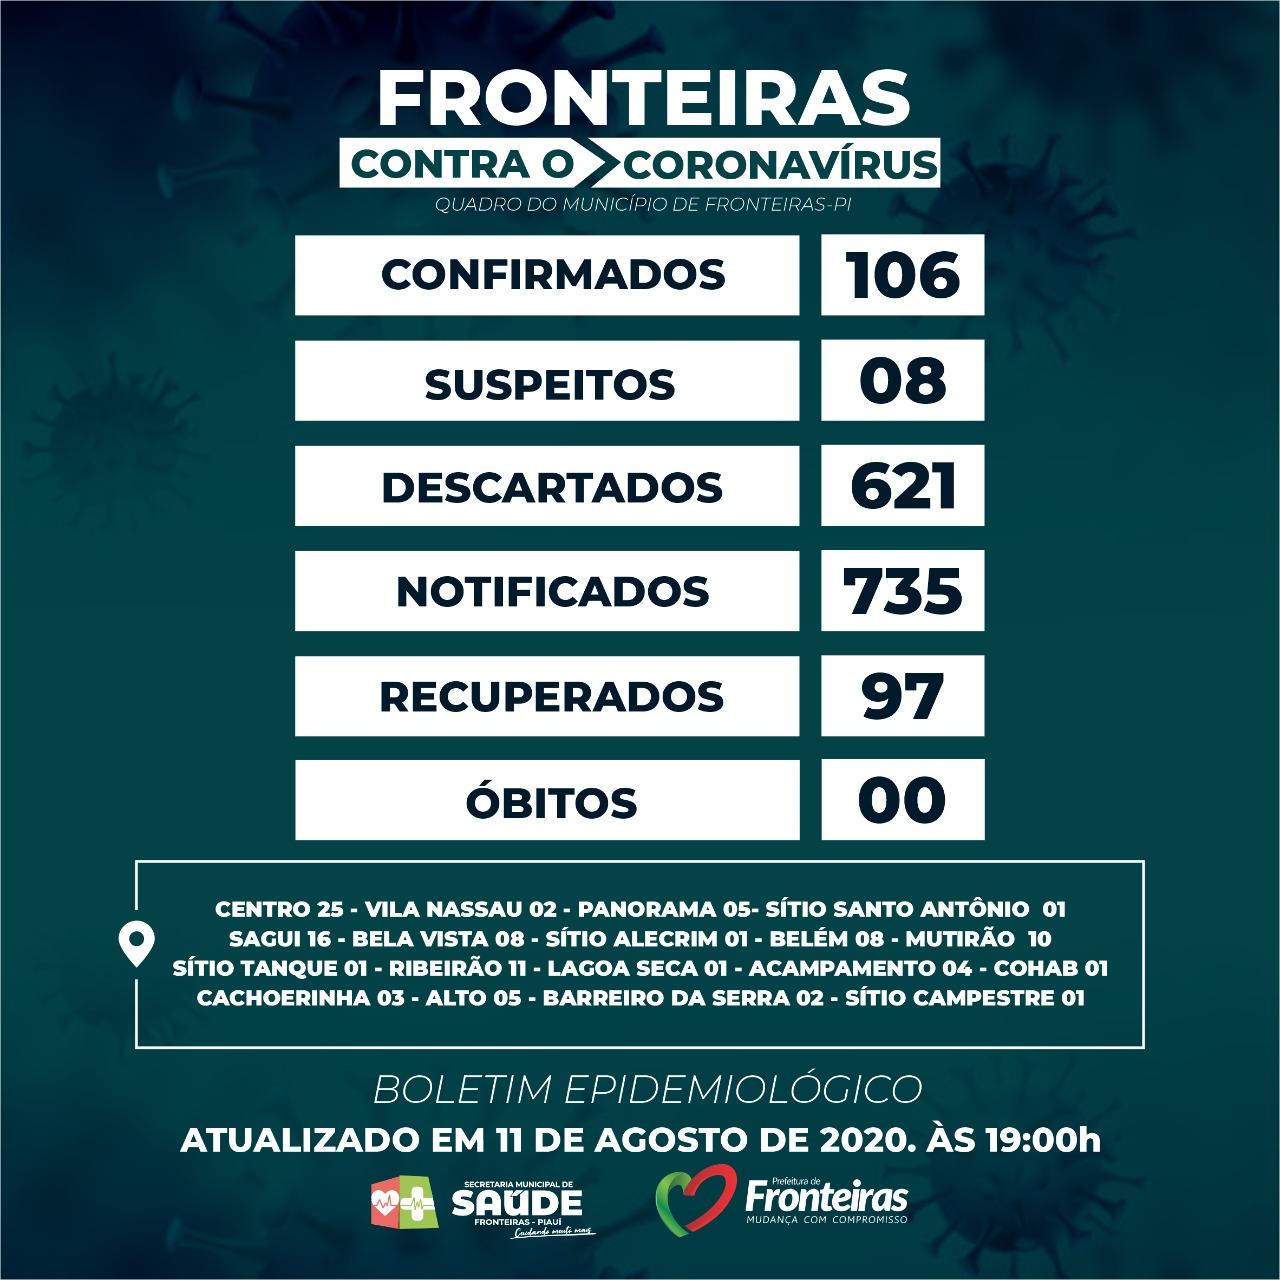 FRONTEIRAS (PI) - BOLETIM EPIDEMIOLÓGICO  DE 11/08/2020